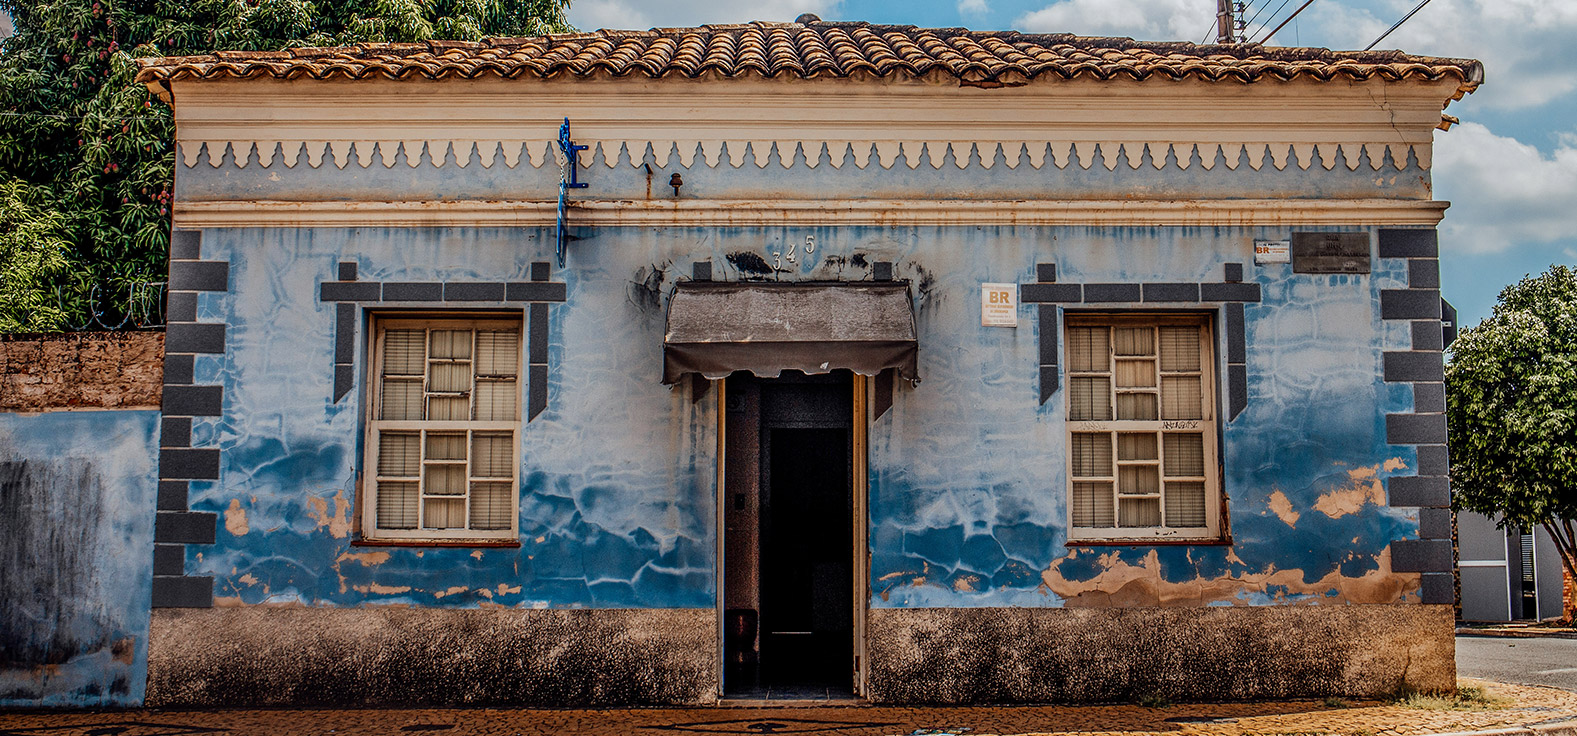 Museu Municipal em Ipeúna | Portal Serra do Itaquerí